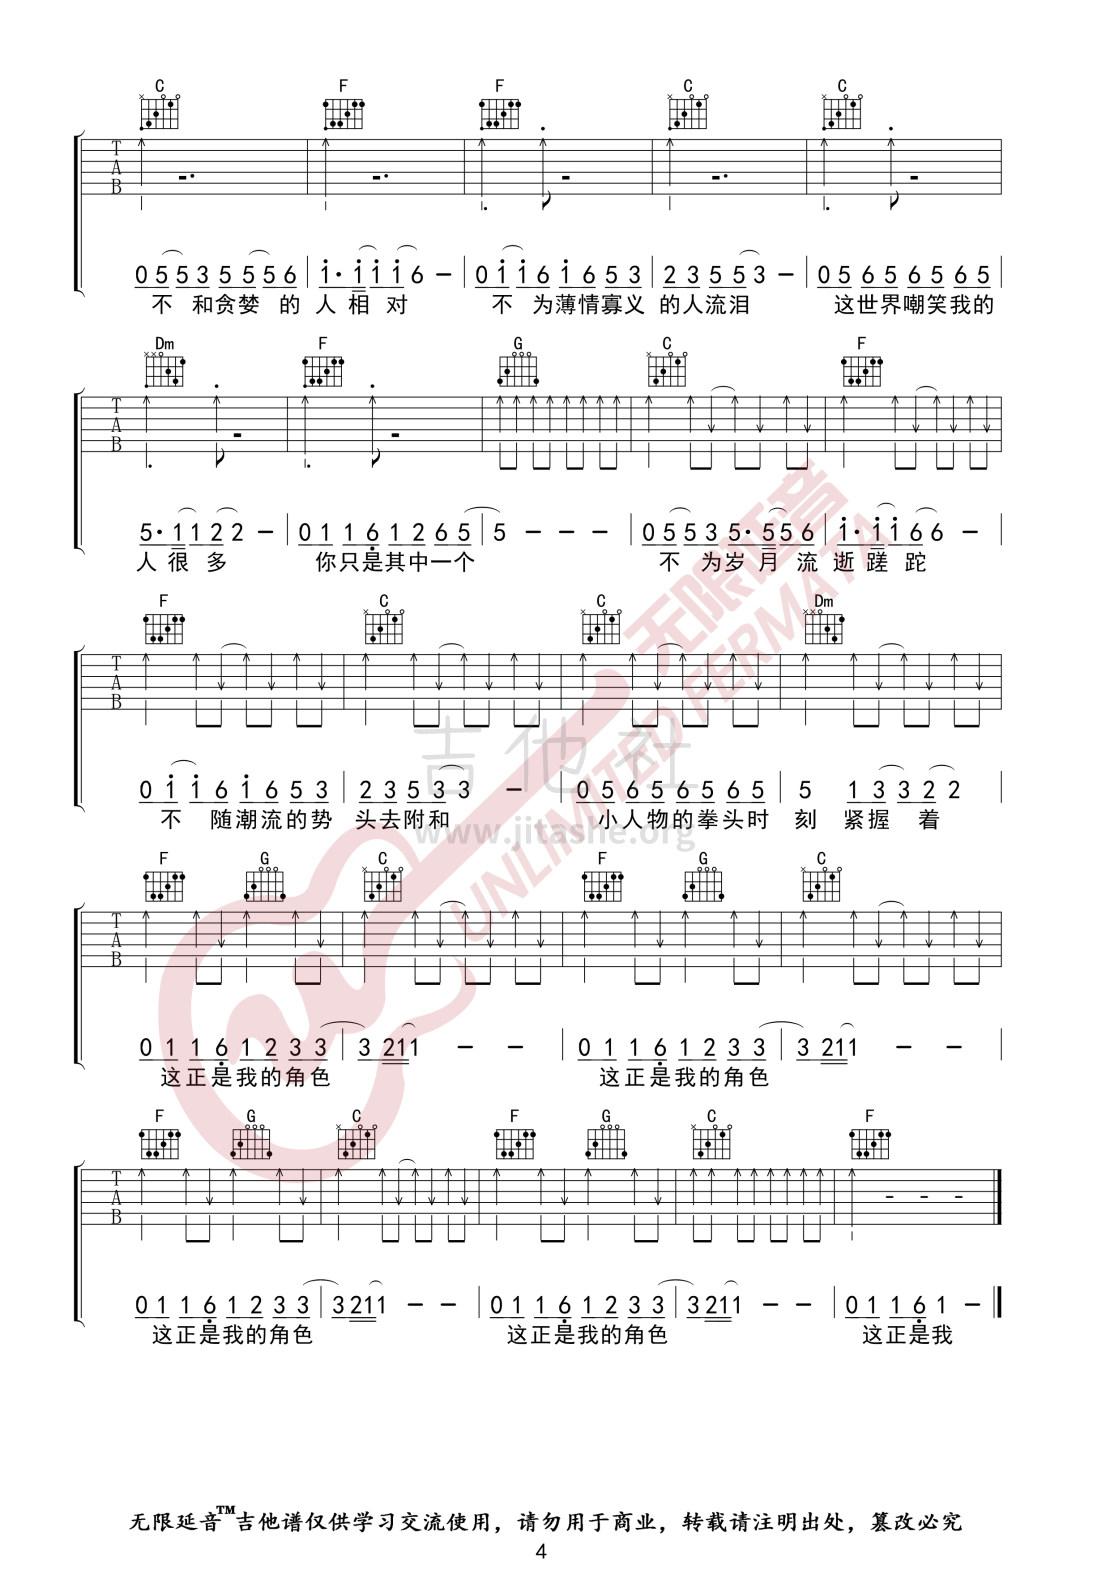 小人物(无限延音编配)吉他谱(图片谱,无限延音编配,弹唱)_赵雷(雷子)_小人物04.jpg